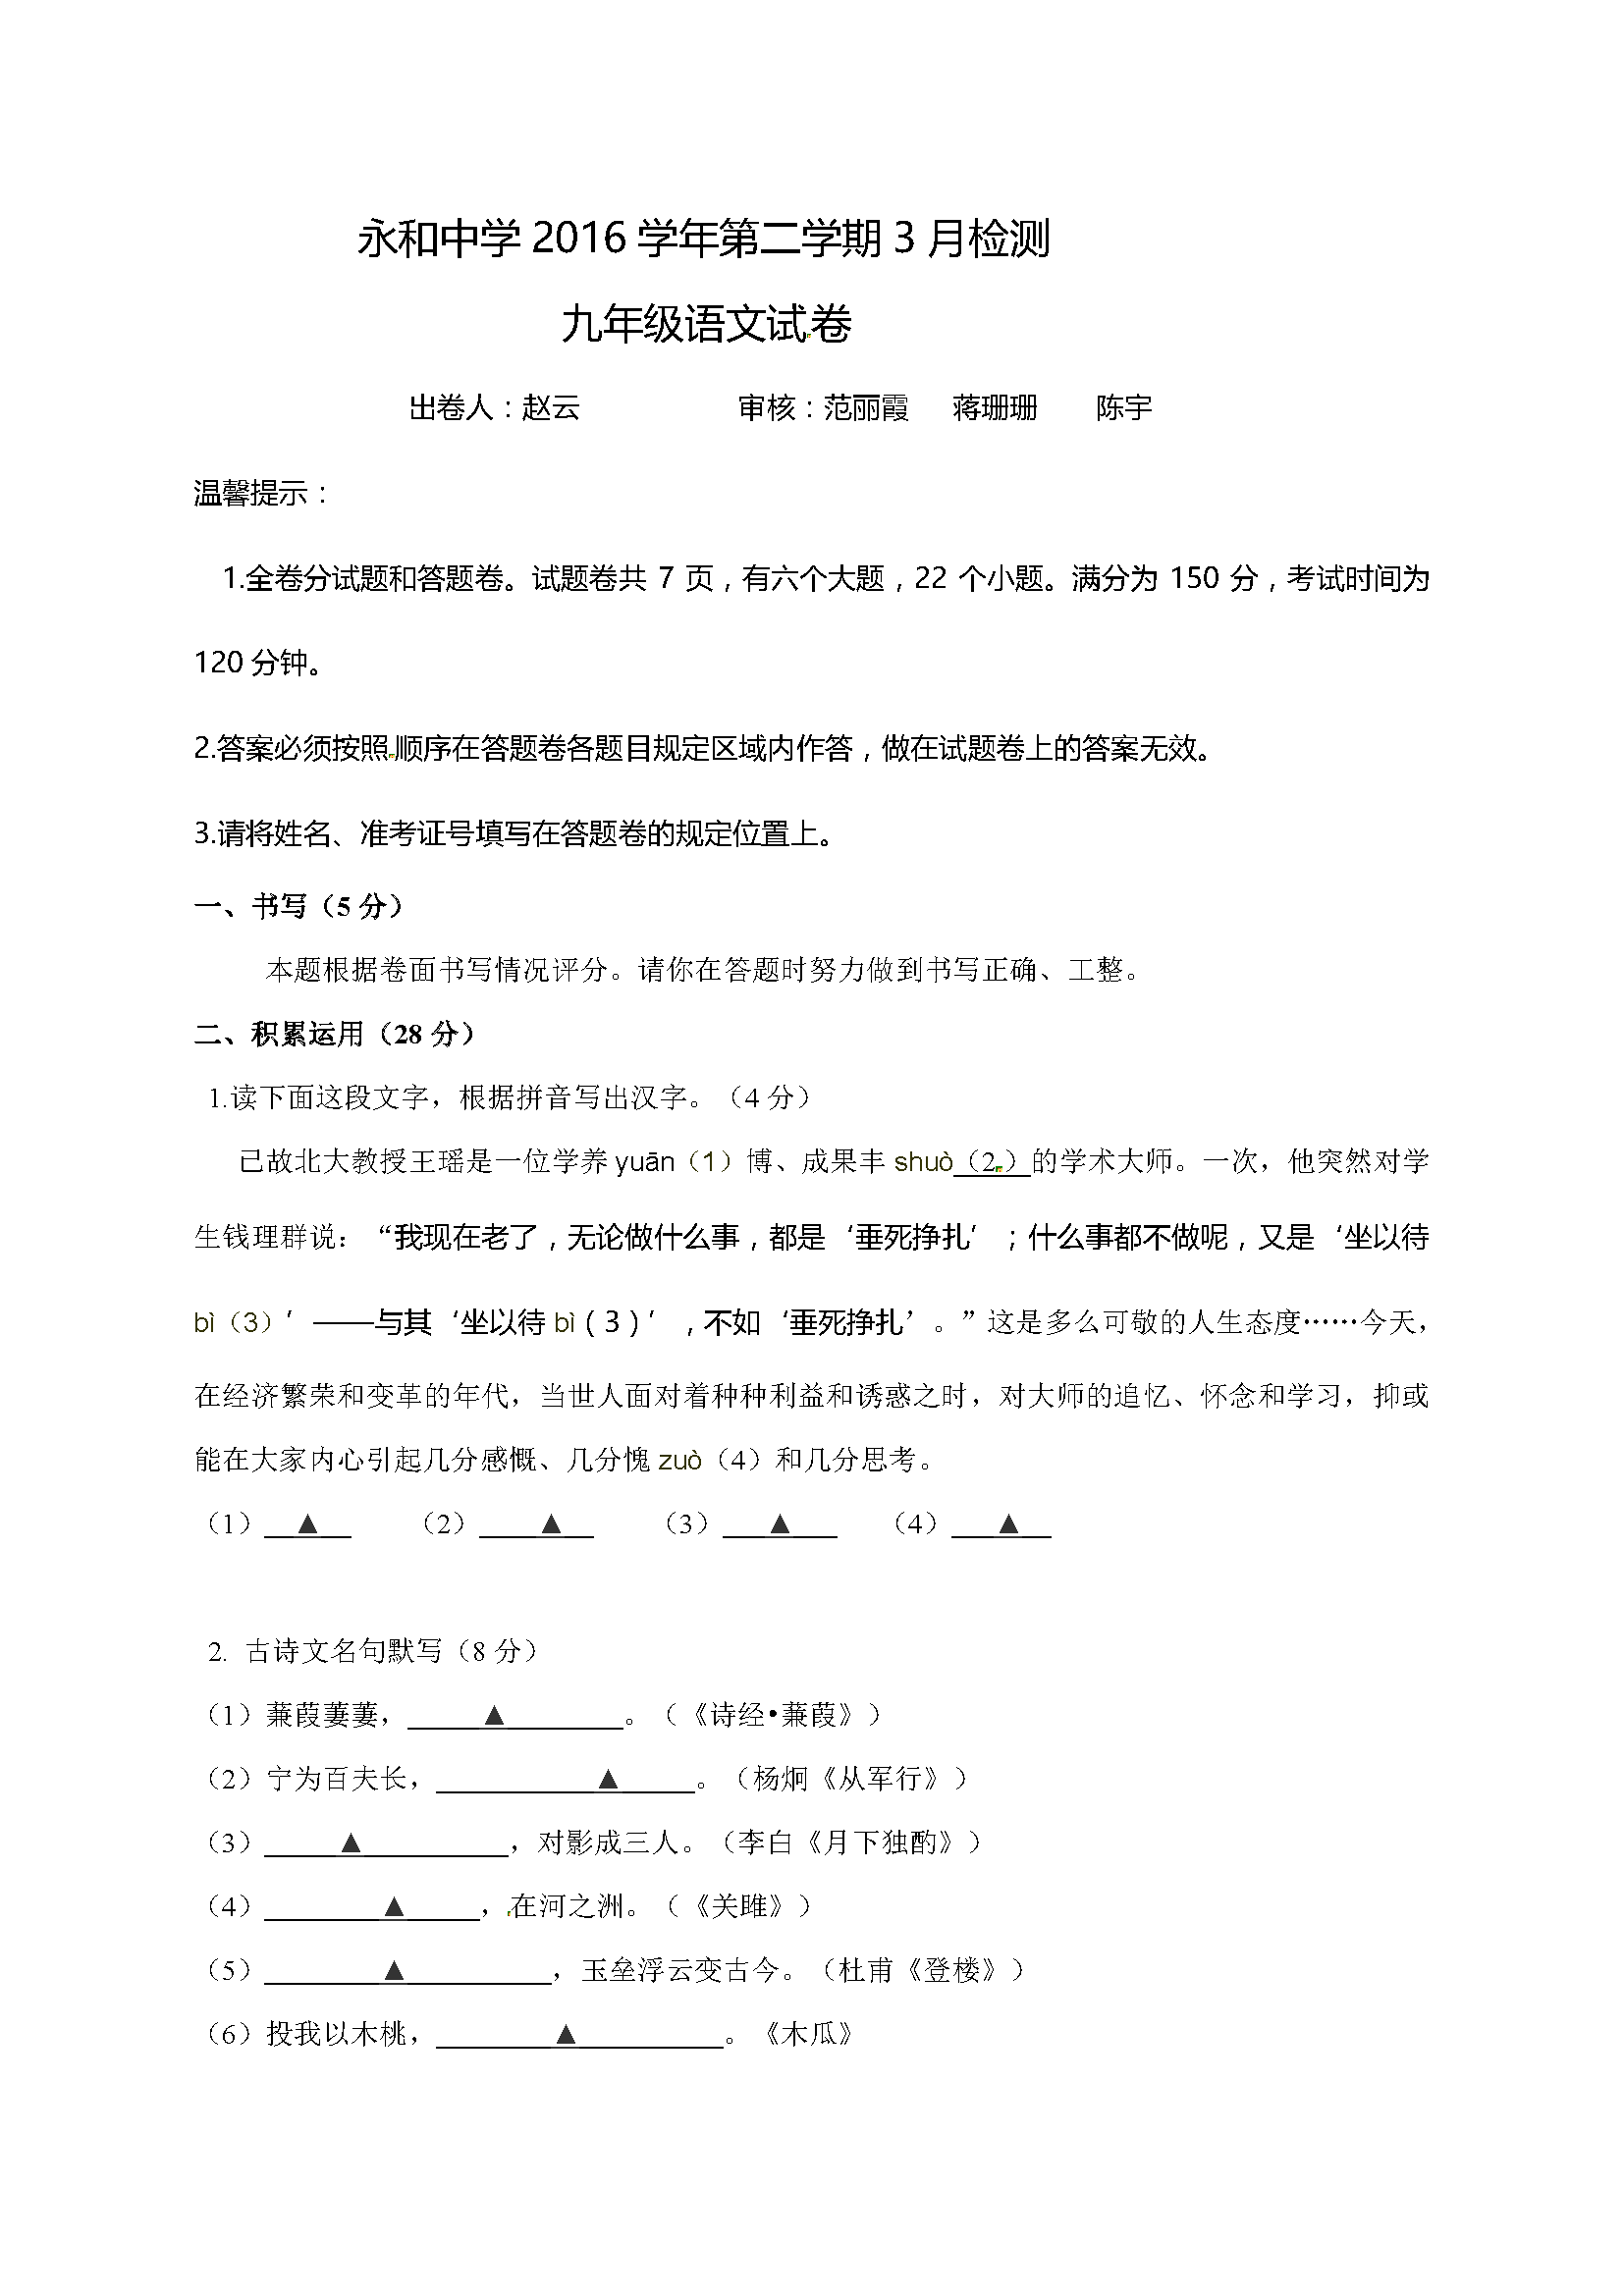 2017浙江绍兴永和中学九年级3月月考语文试题(Word版)